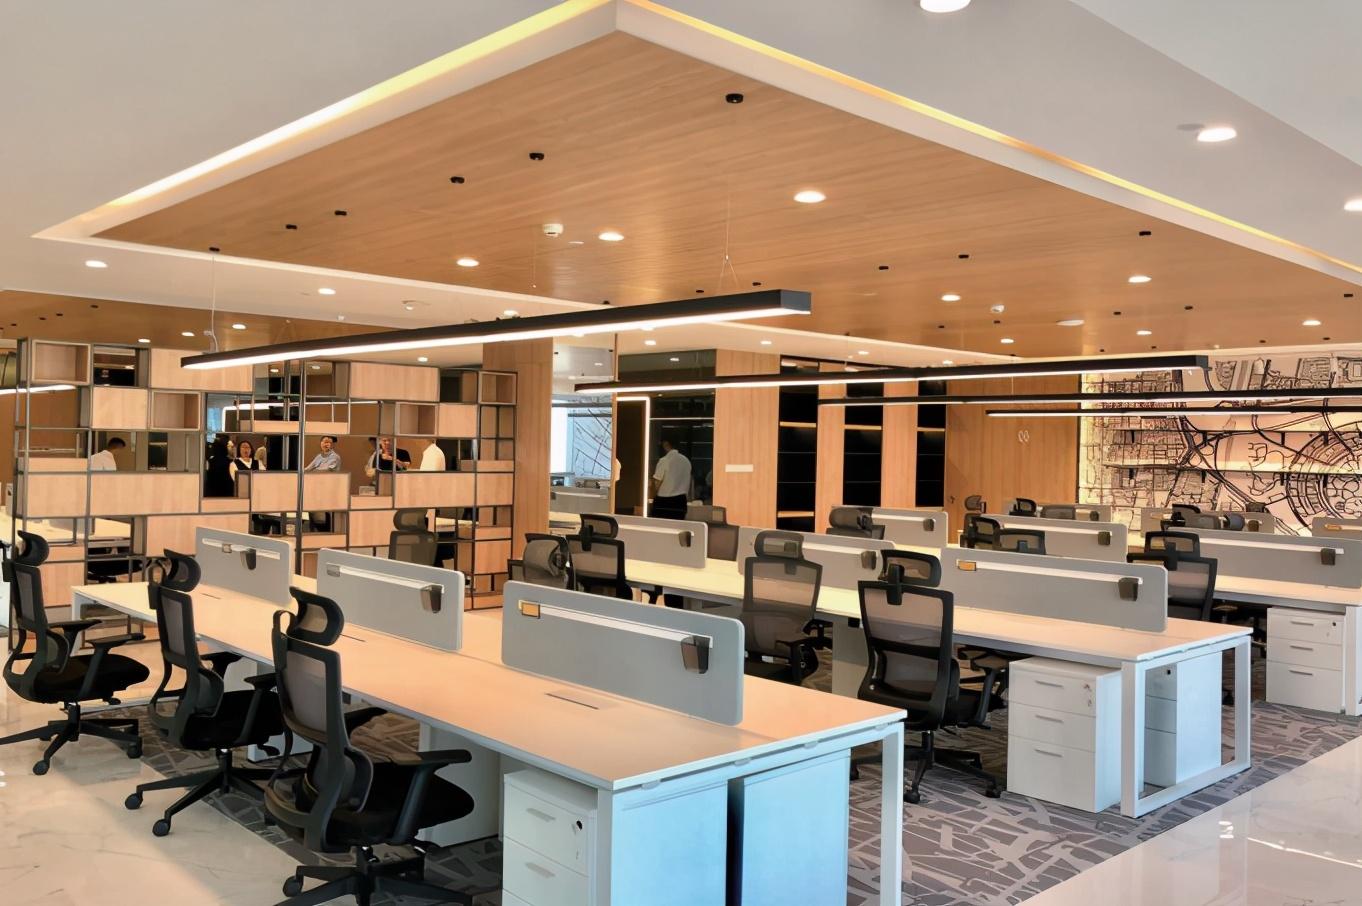 金牌金融服务机构和合首创 正式宣告进驻嘉邦·国金中心